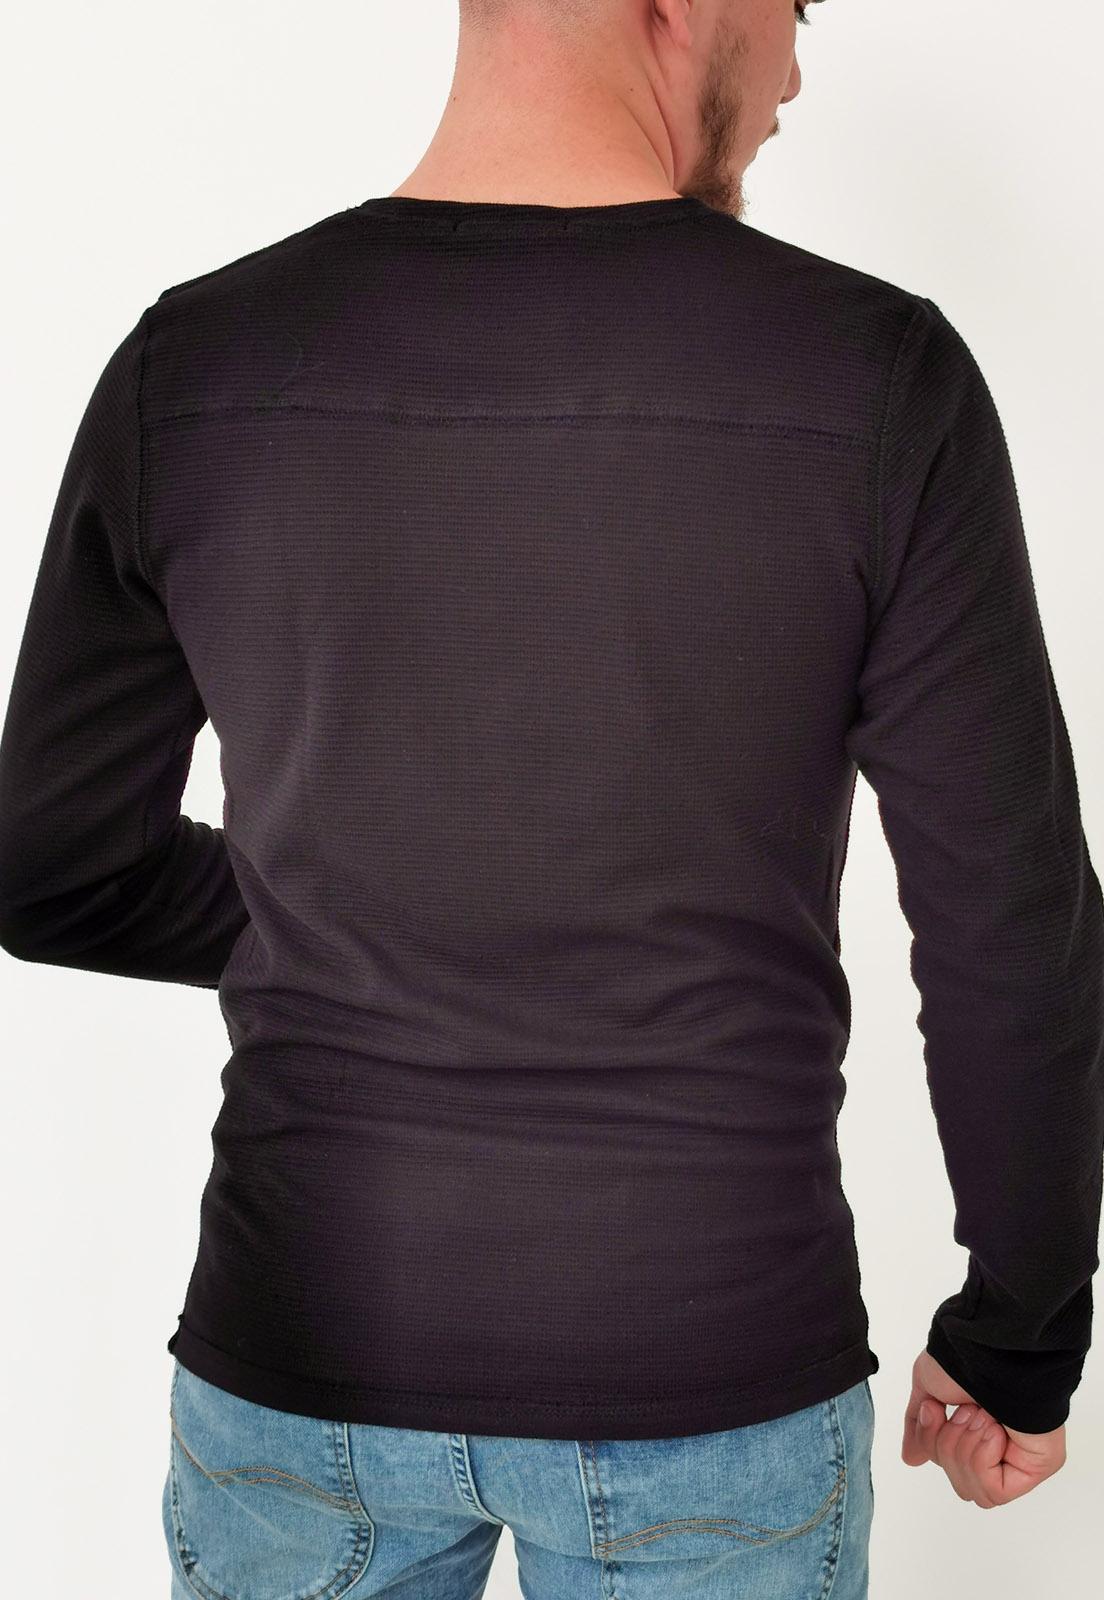 Camiseta Manga Longa Colcci Preto